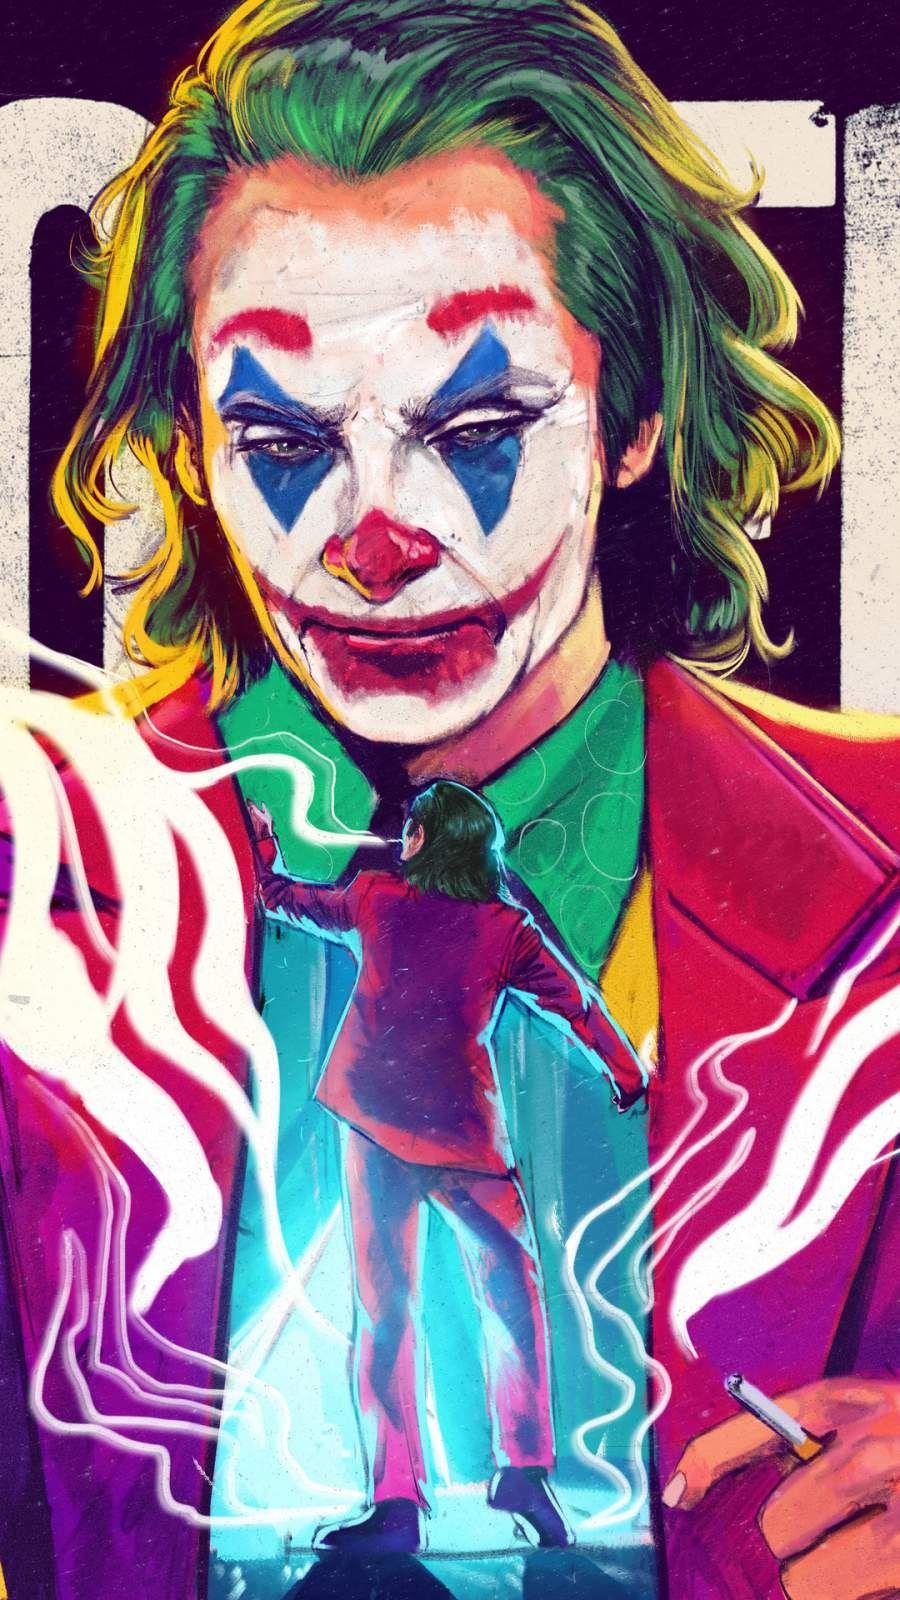 Joker Joaquin Phoenix Iphone Wallpaper Joker Art Joker Hd